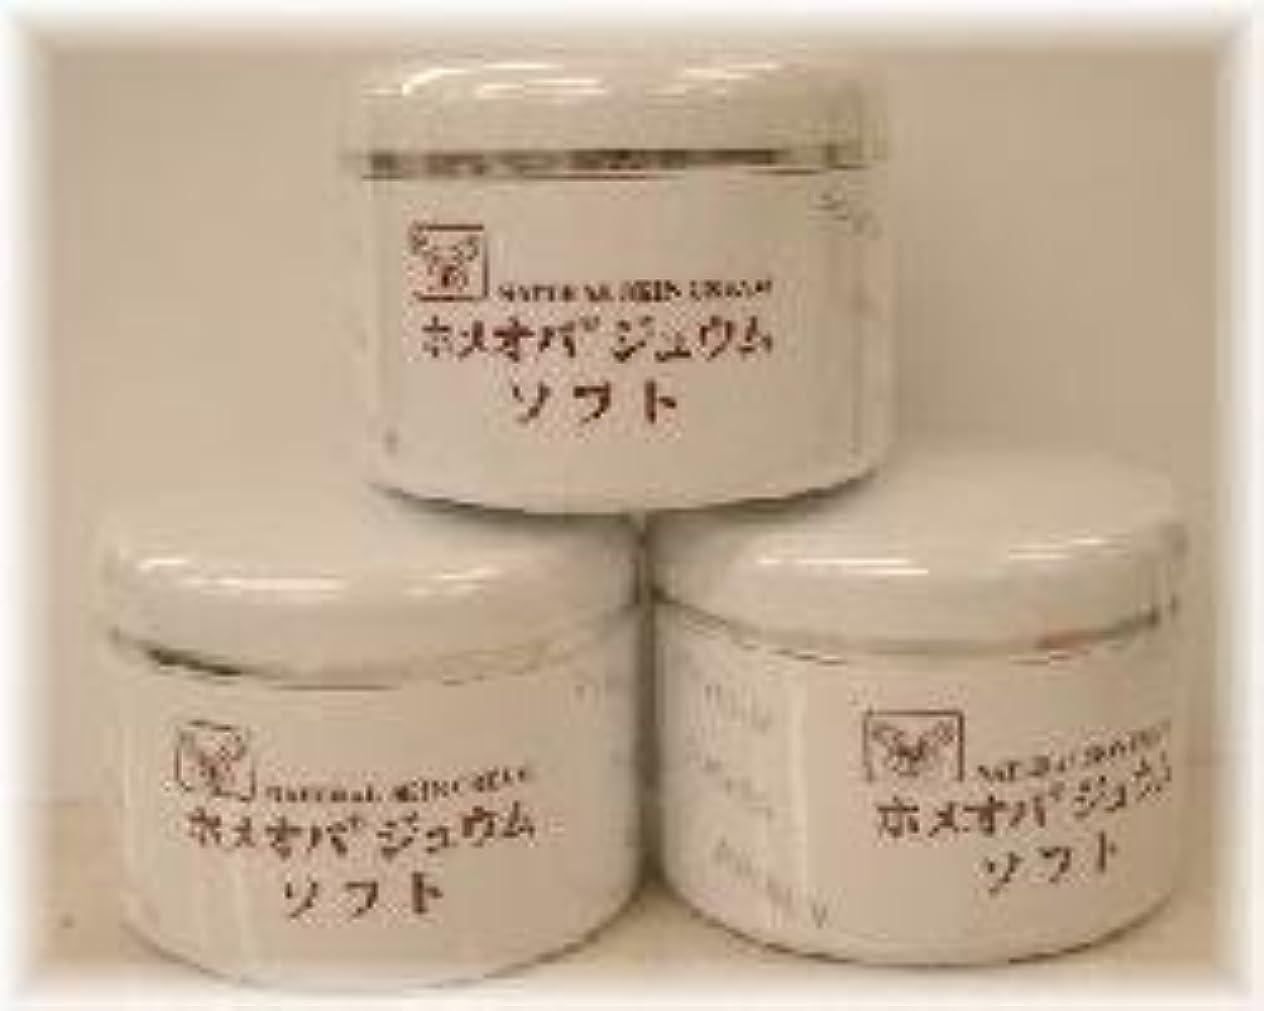 湿気の多い意気揚々むしゃむしゃホメオパジュウム スキンケア商品3点¥10500クリームソフトx3個